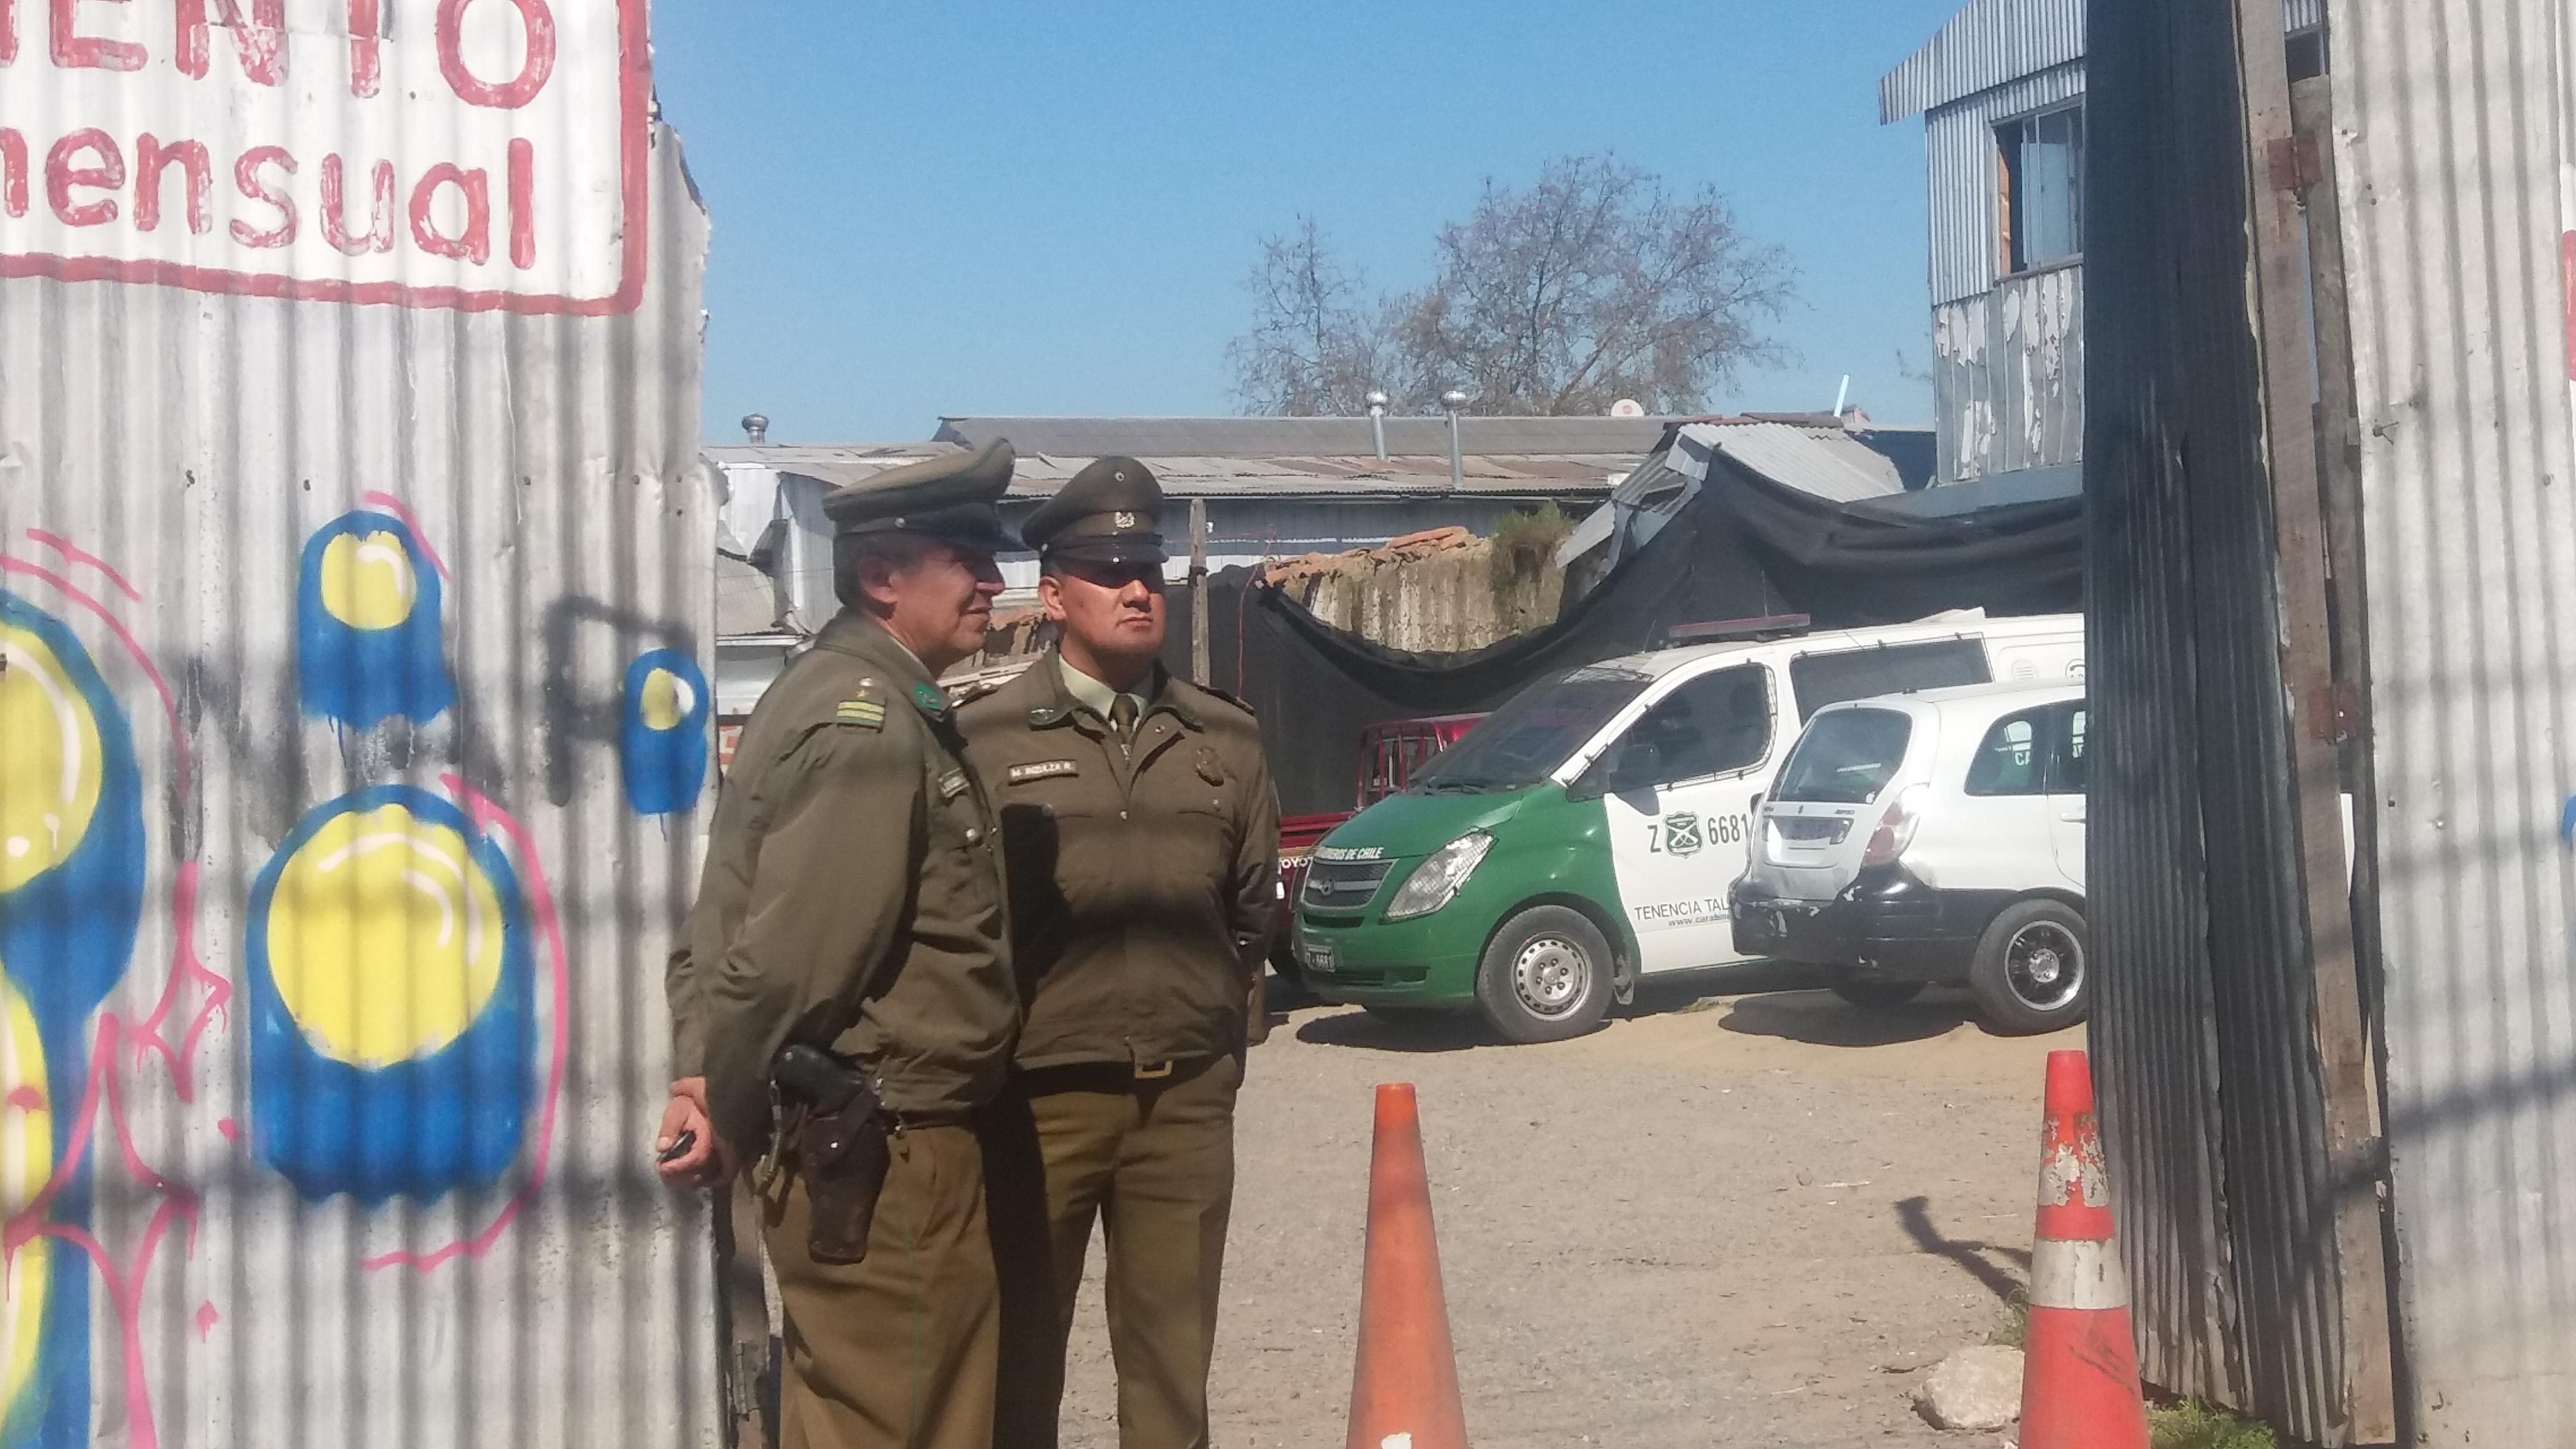 Trabajador encuentra la muerte al interior de estacionamiento en inmediaciones del terminal de buses de Talca